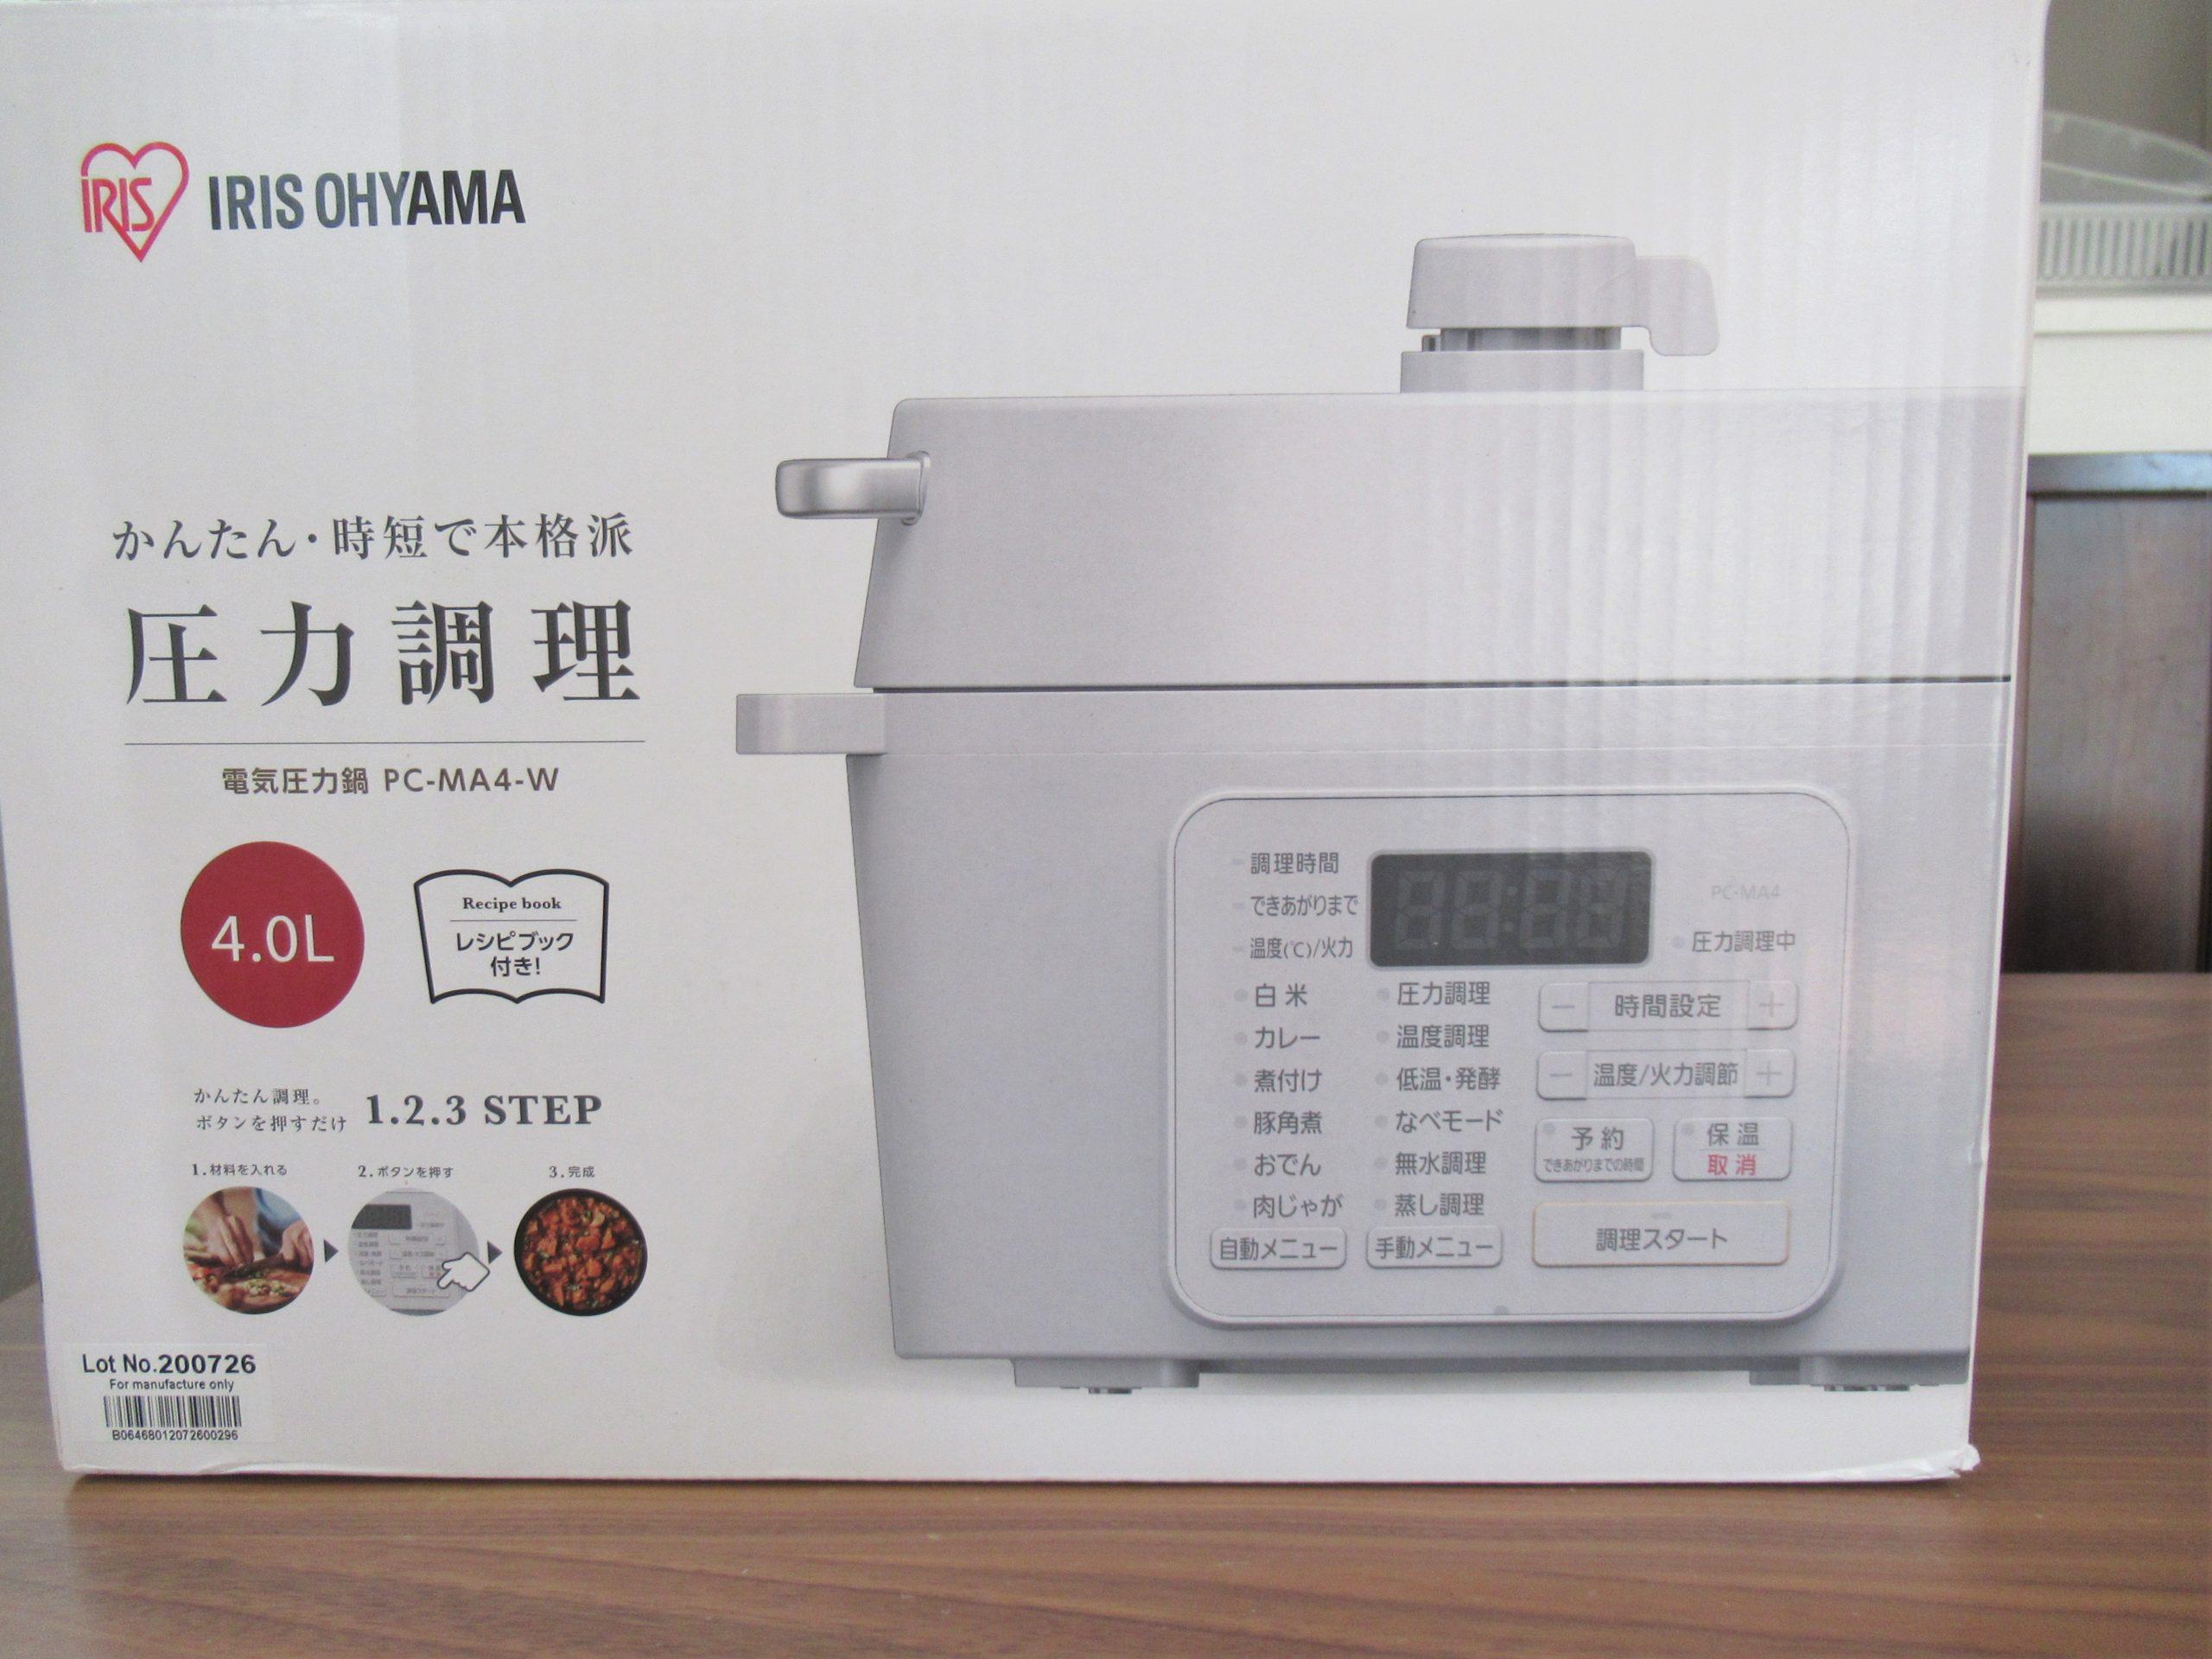 アイリスオーヤマ【電気圧力鍋レビュー】卓上鍋にもなって便利でオススメ!|ラク家事ブログ